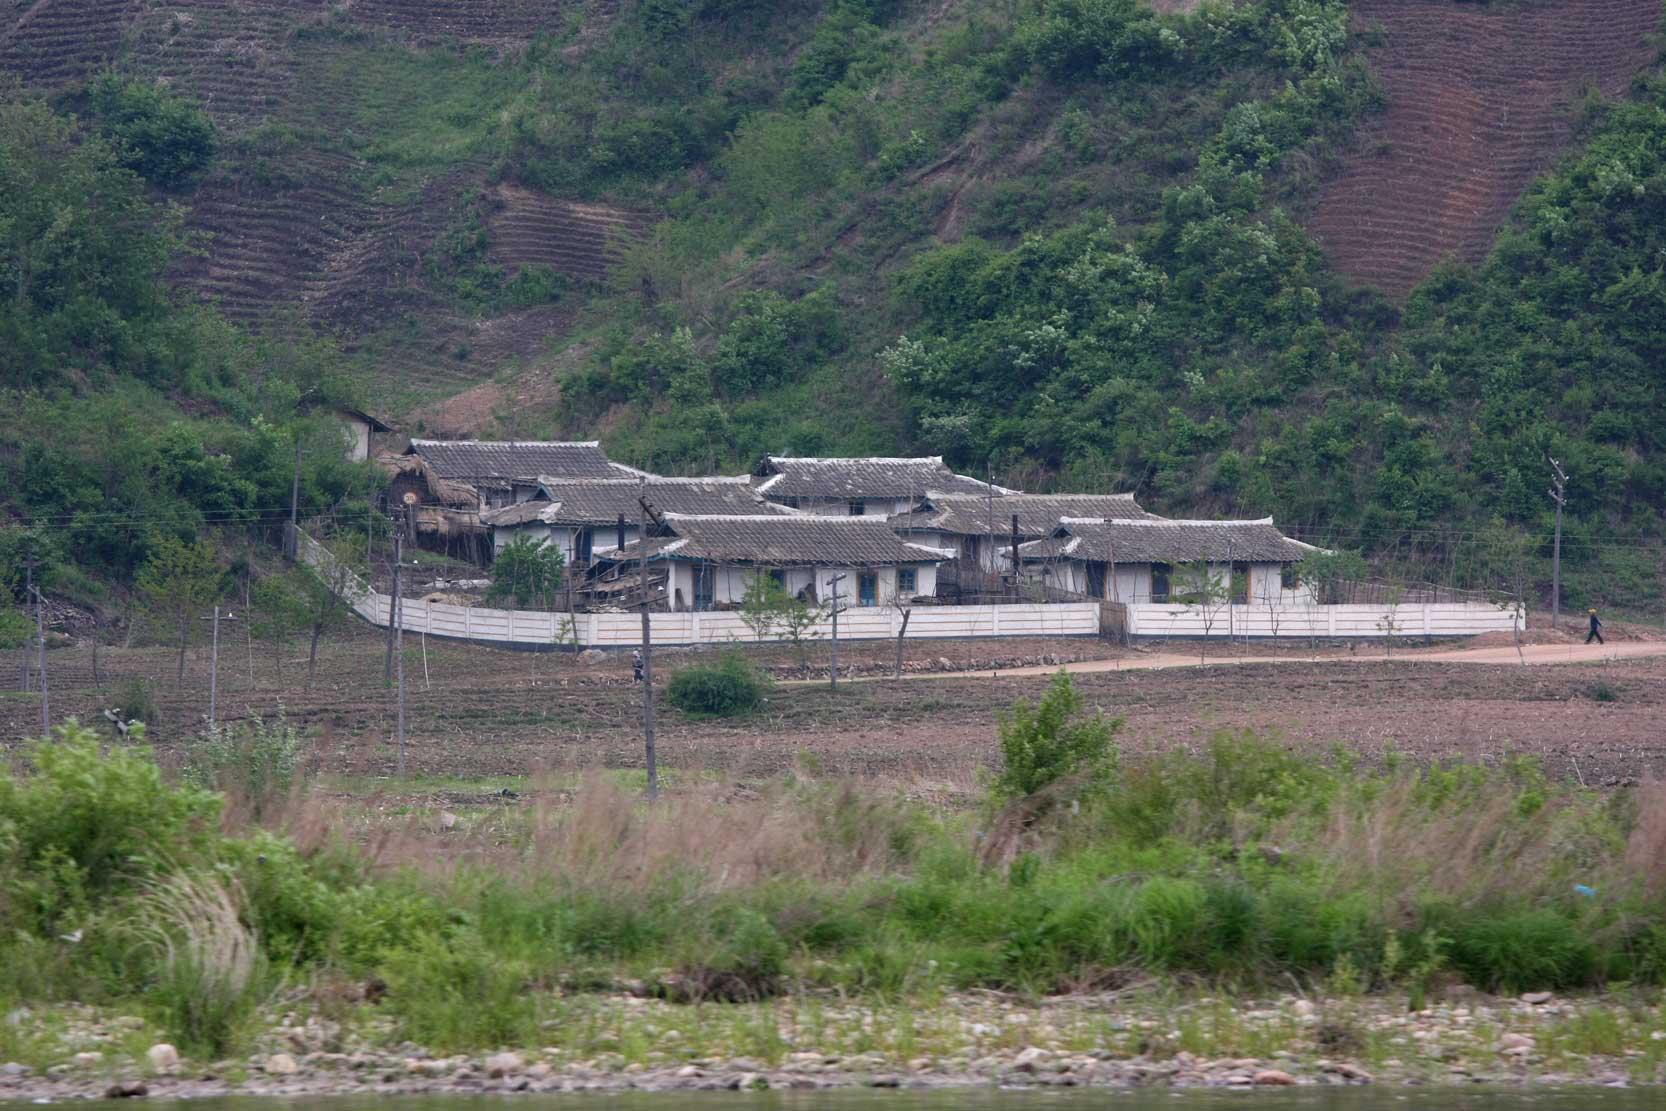 世界遺産のまち、集安~のどかな鴨緑江沿いの風景_b0235153_1327423.jpg